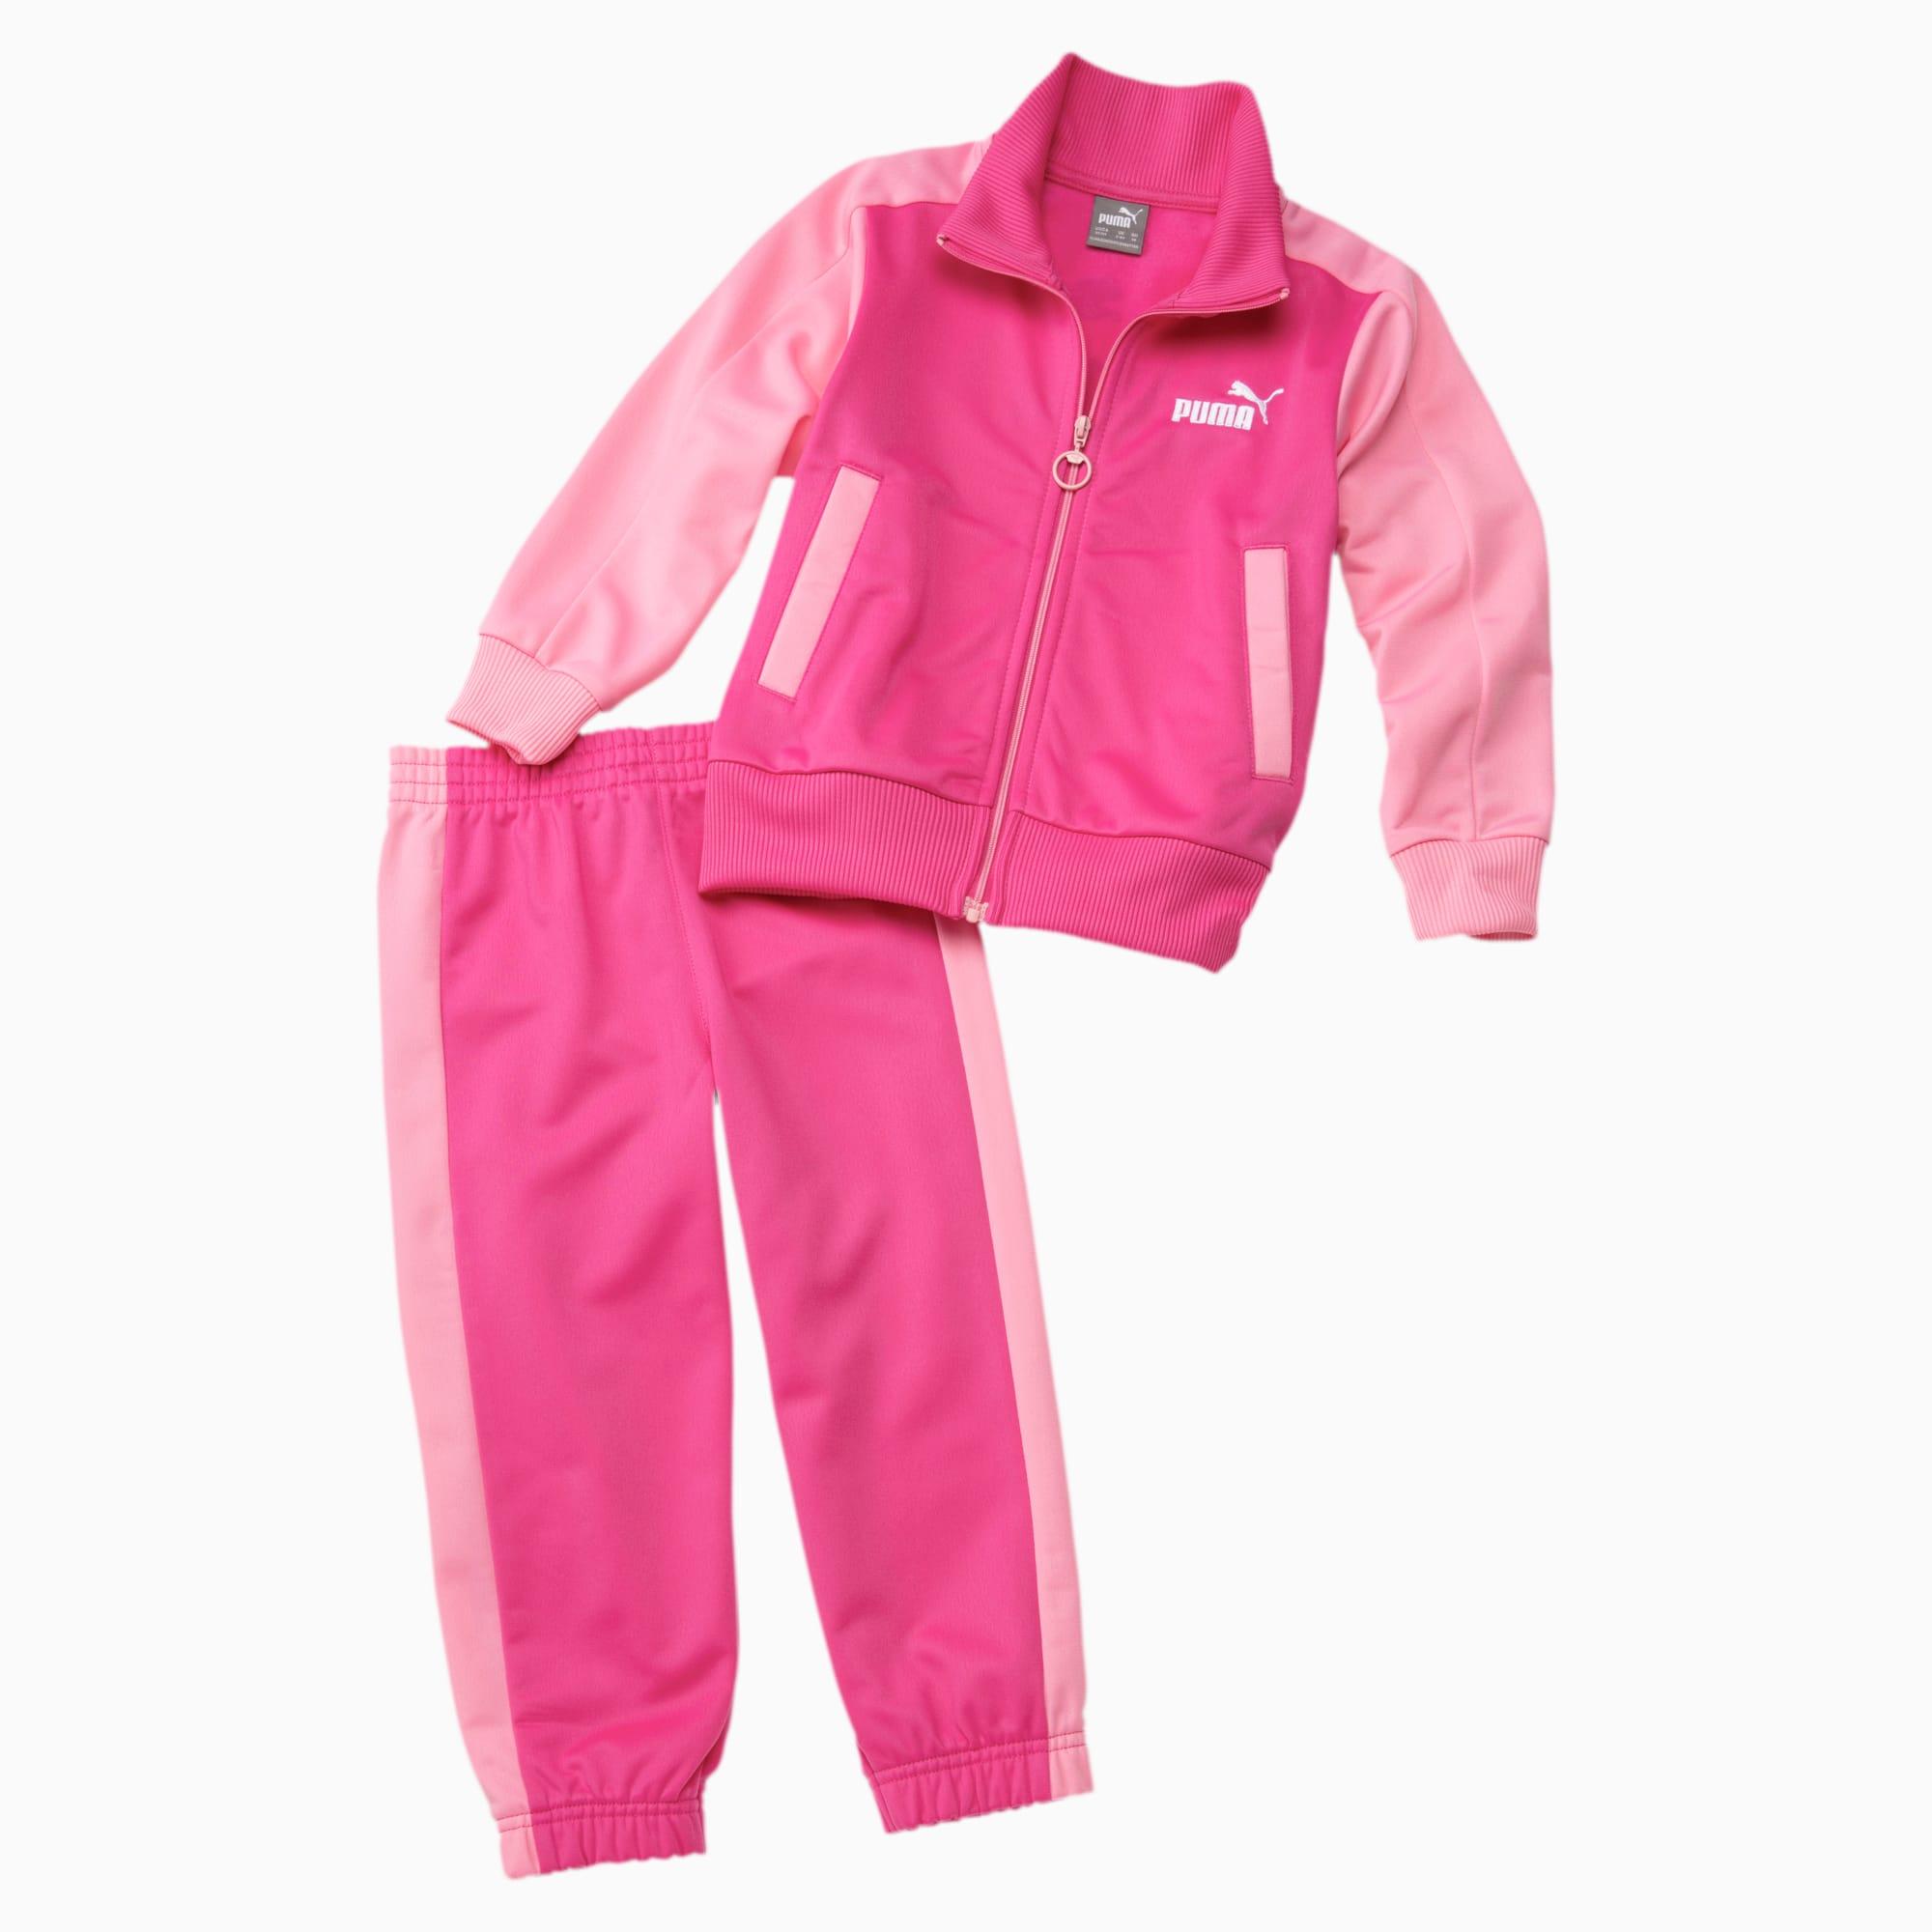 PUMA Survêtement pour bébé, Rose, Taille 86, Vêtements